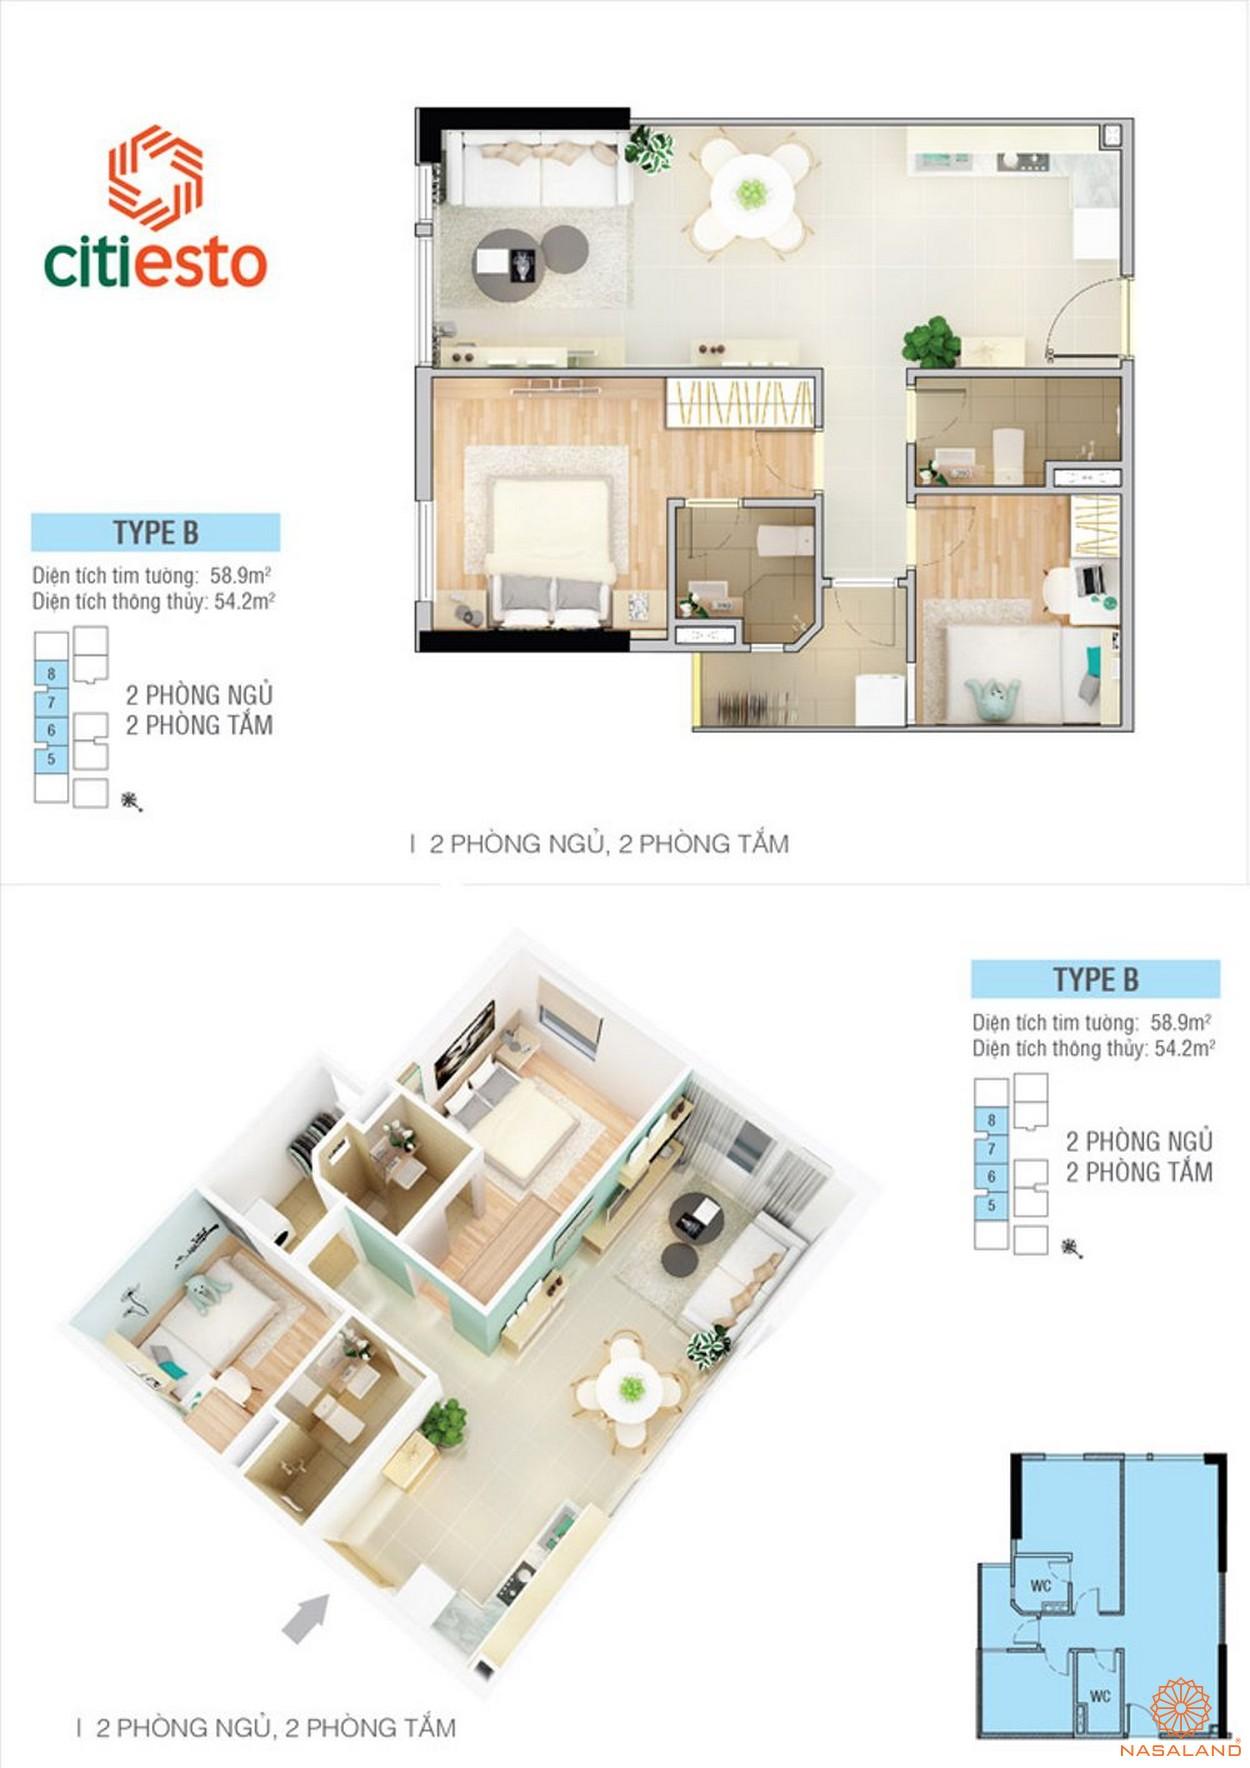 Thiết kế điển hình của căn hộ CitiEsto 2PN